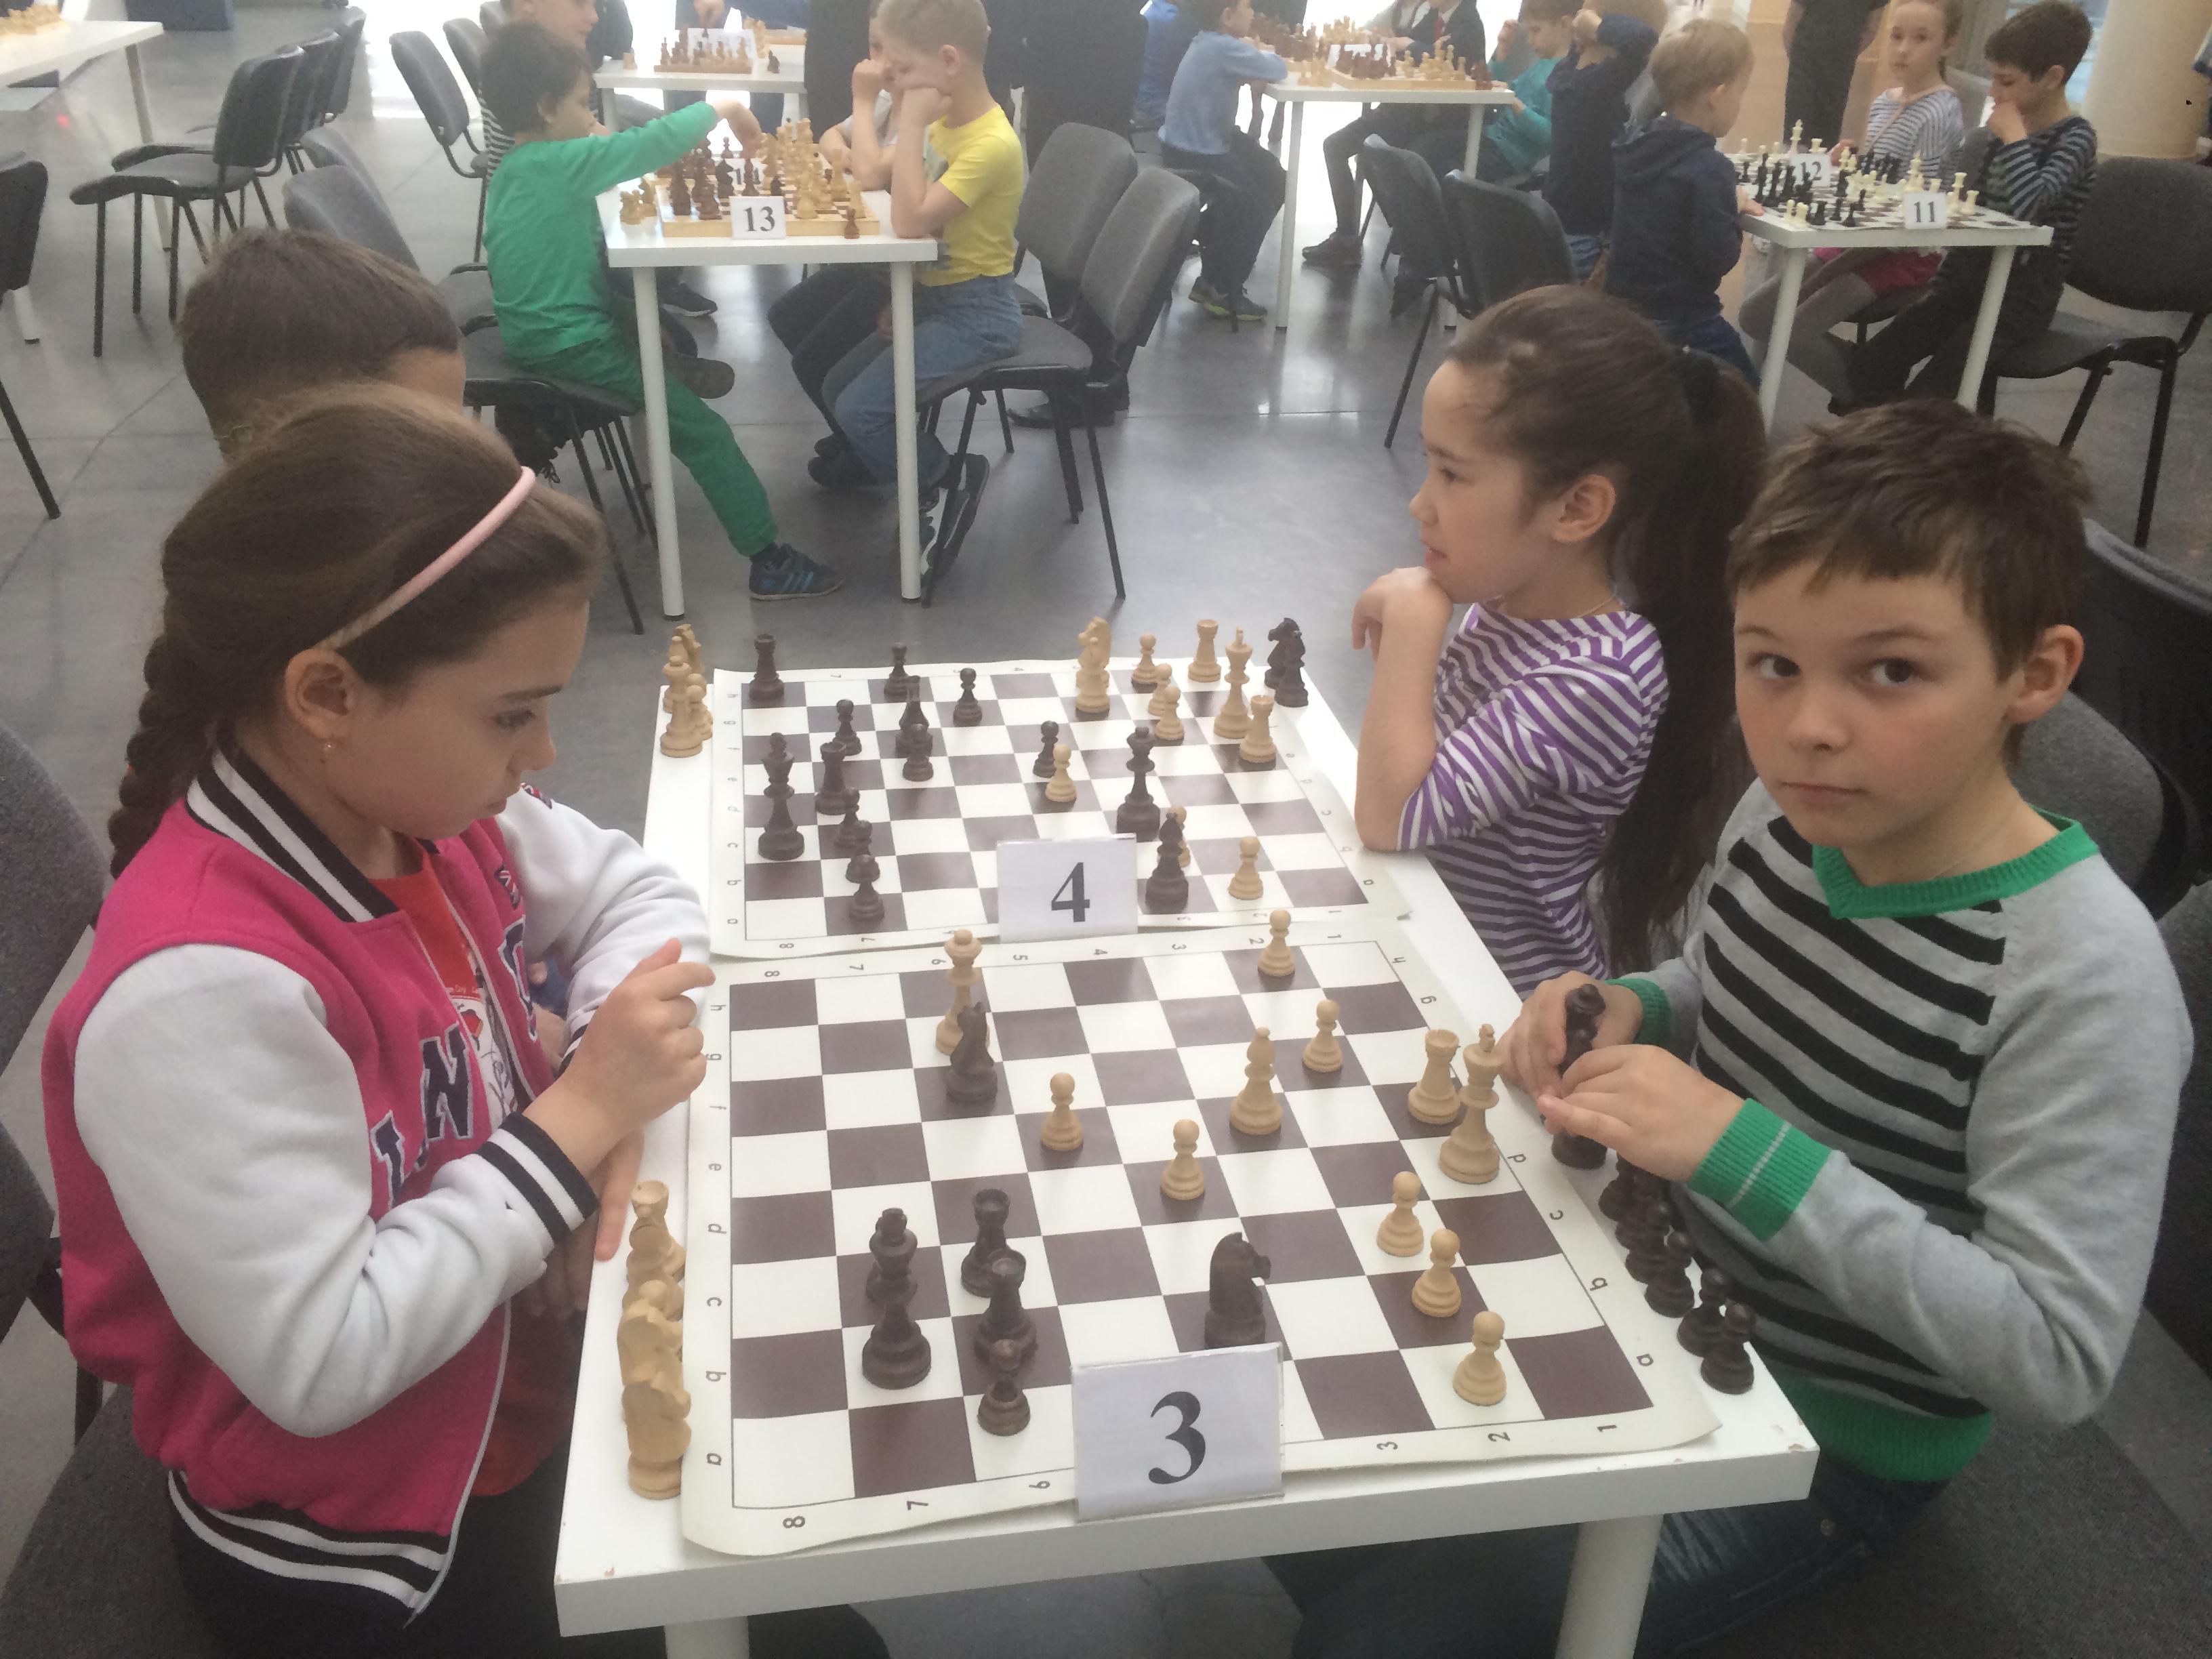 занятия по шахматам в Екатеринбурге